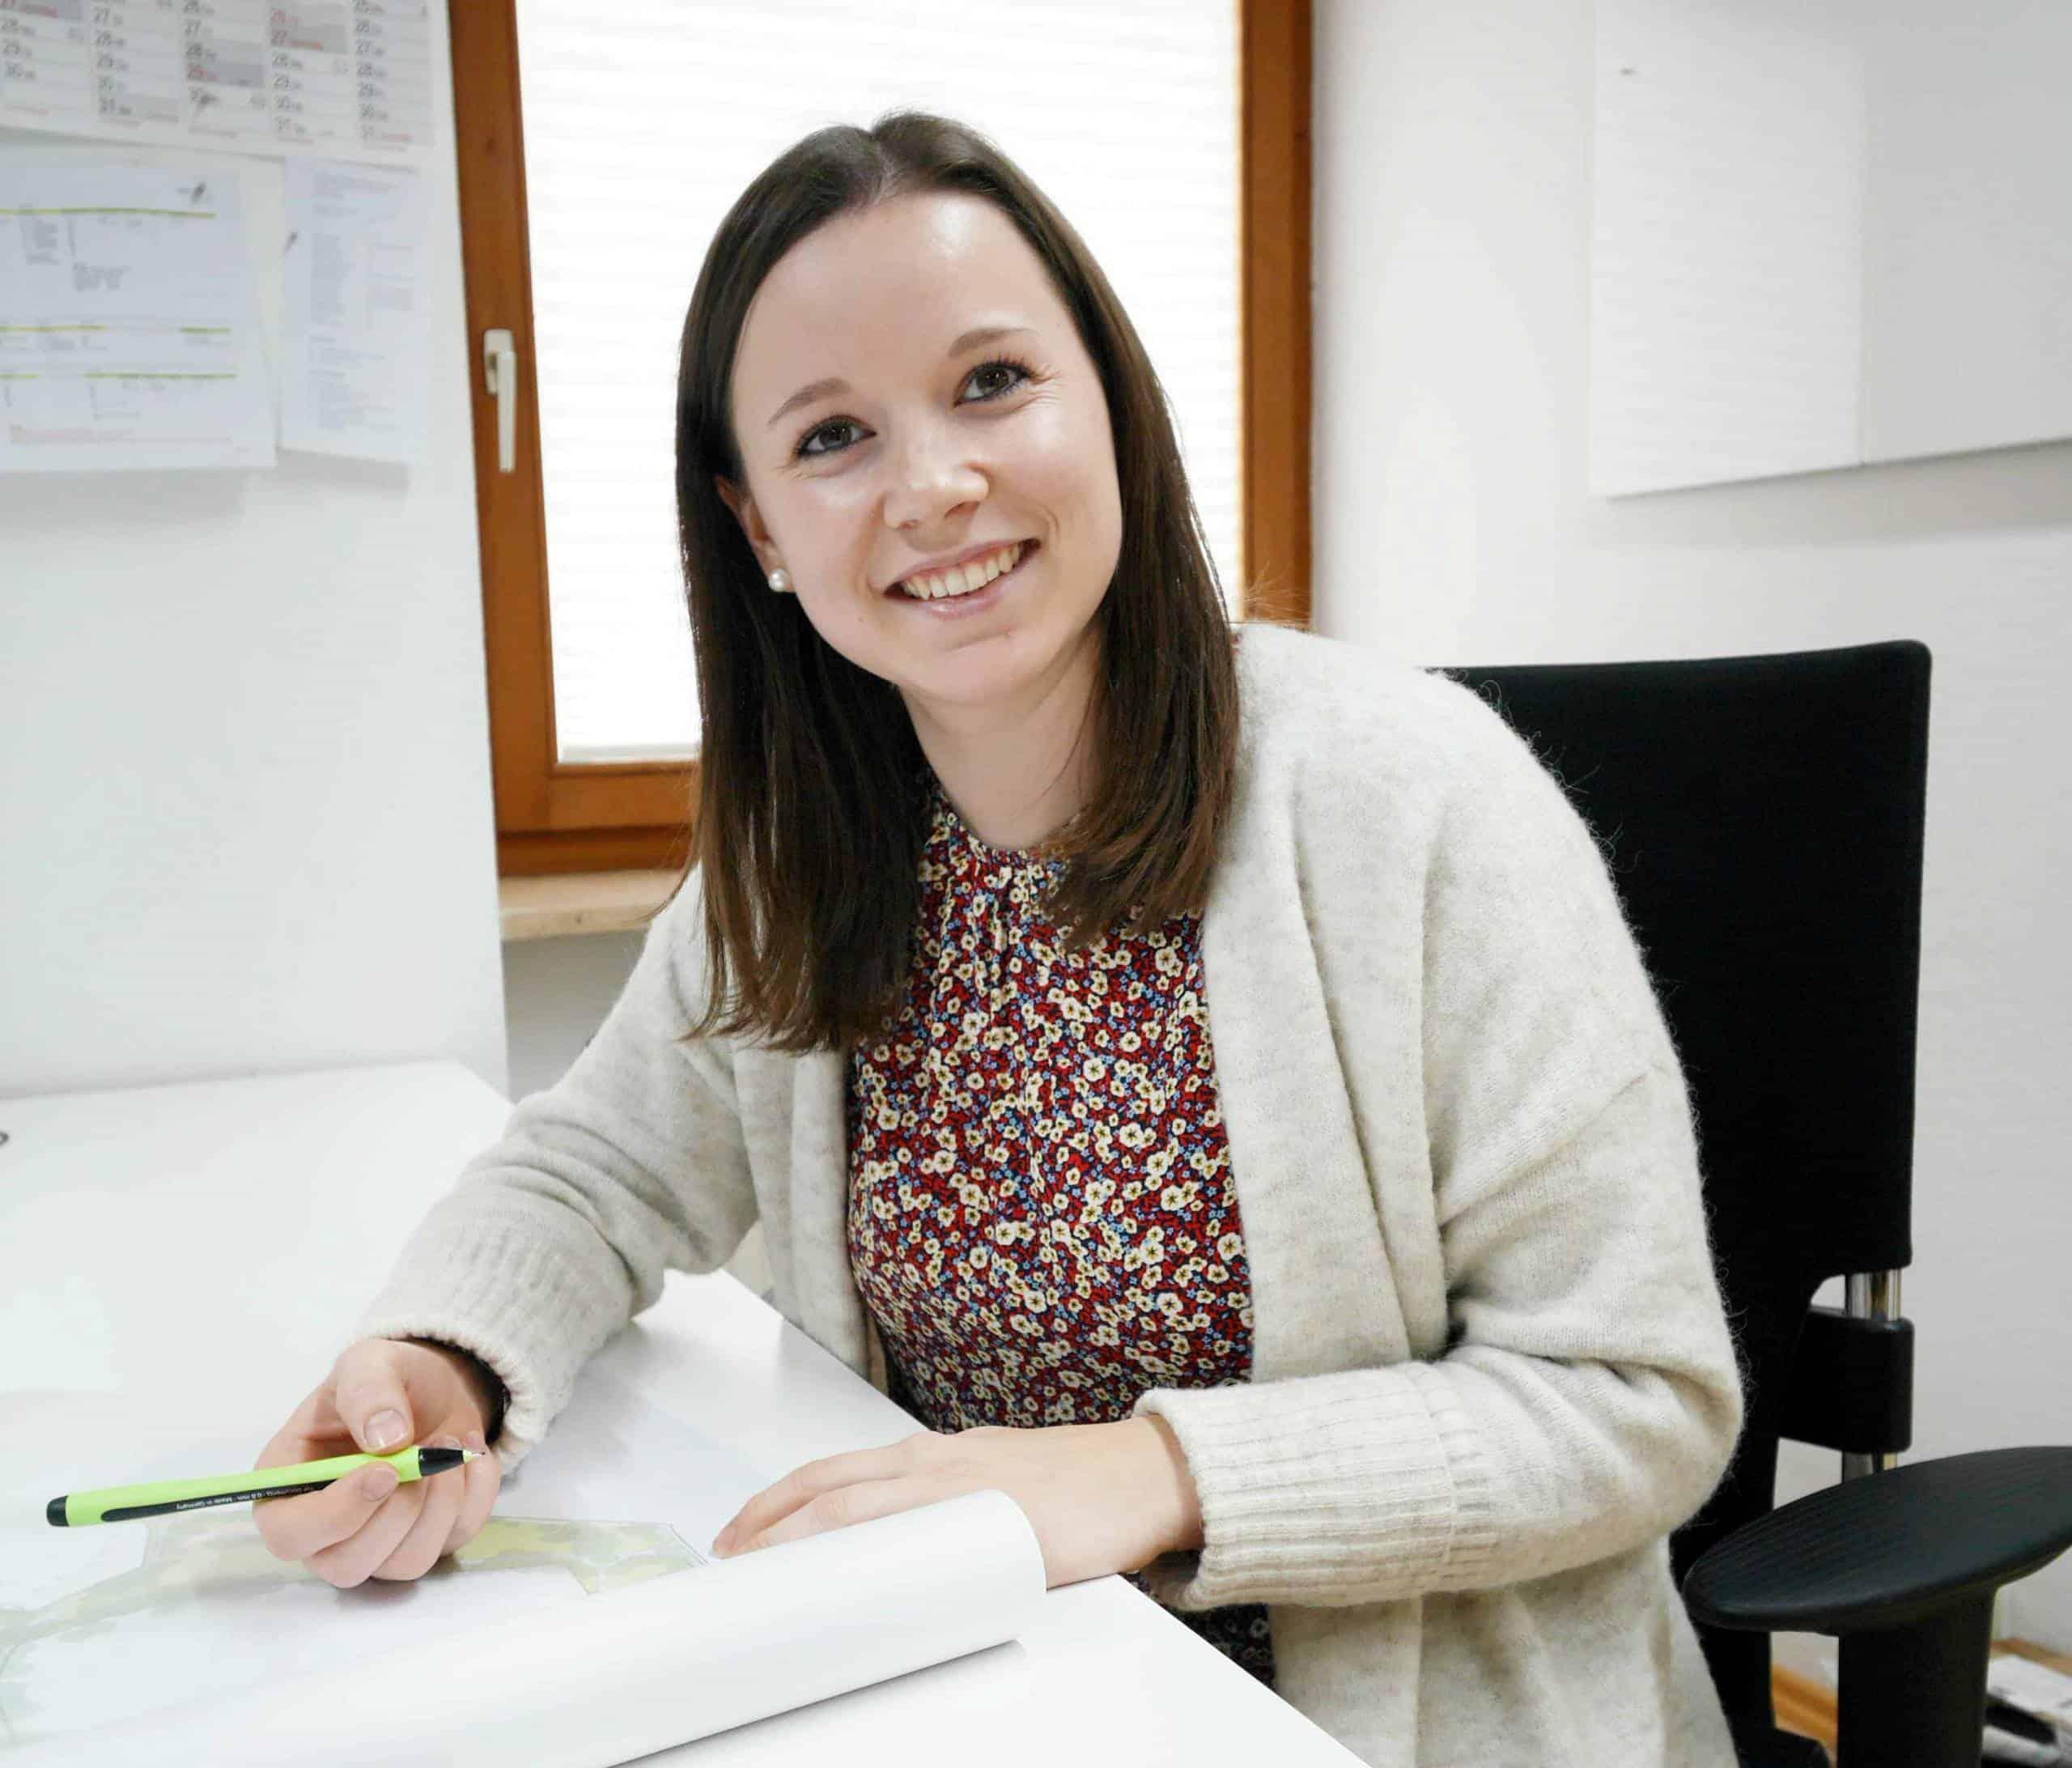 Bild: neue Kollegin Theresia Krimmer, foto: ver.de landschaftsarchitektur